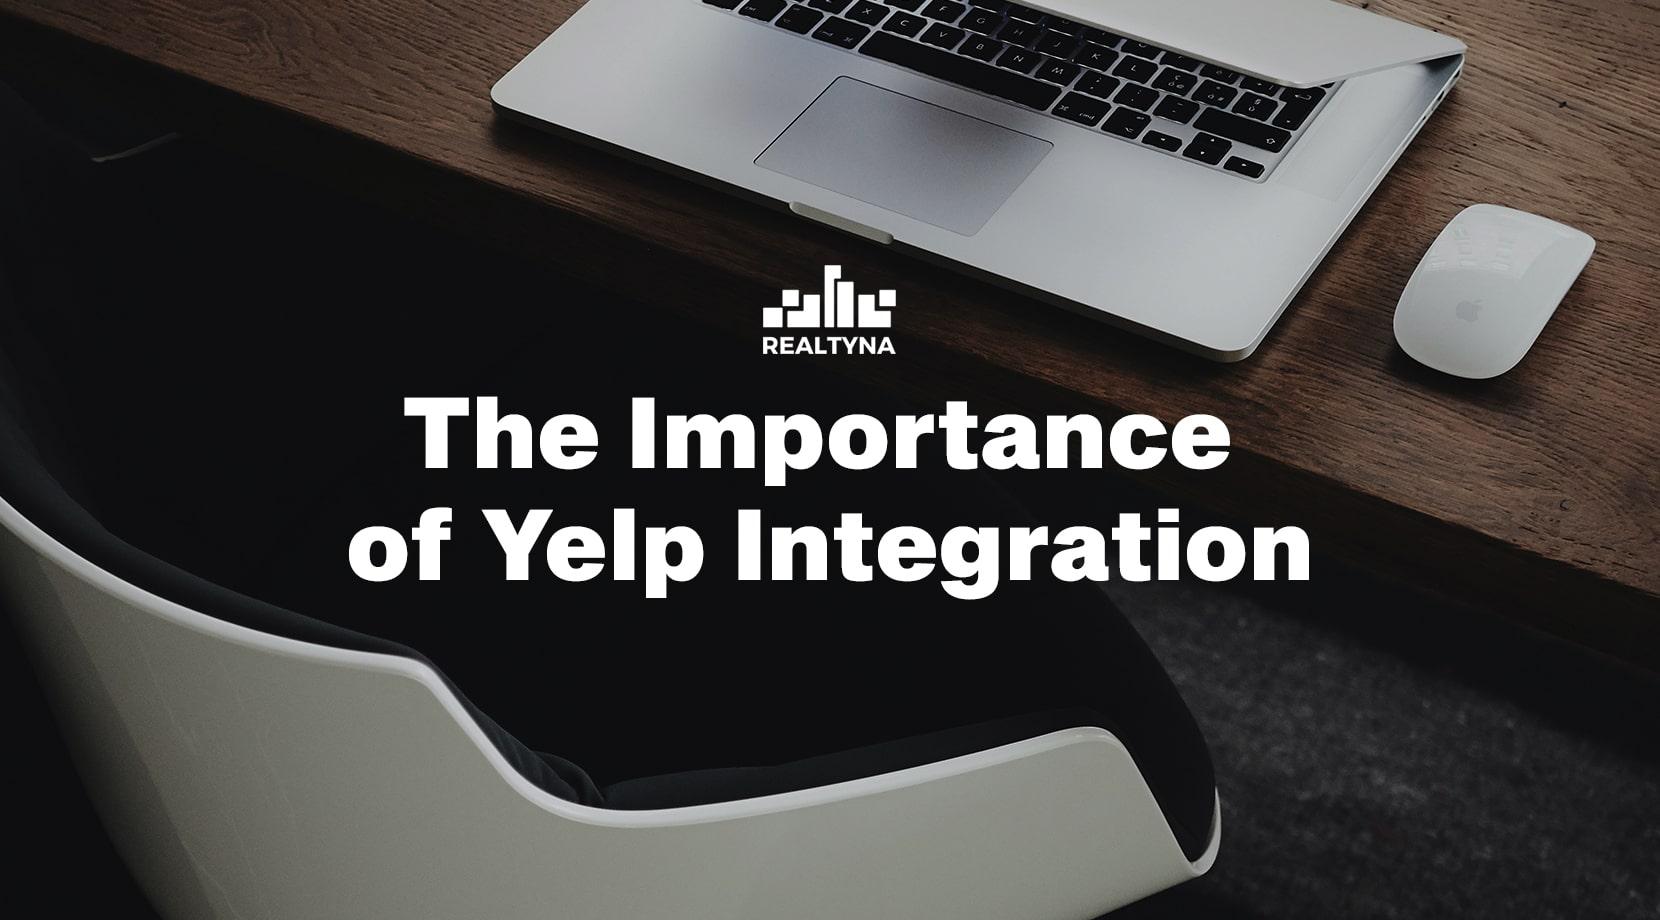 Yelp Integration on real estate website